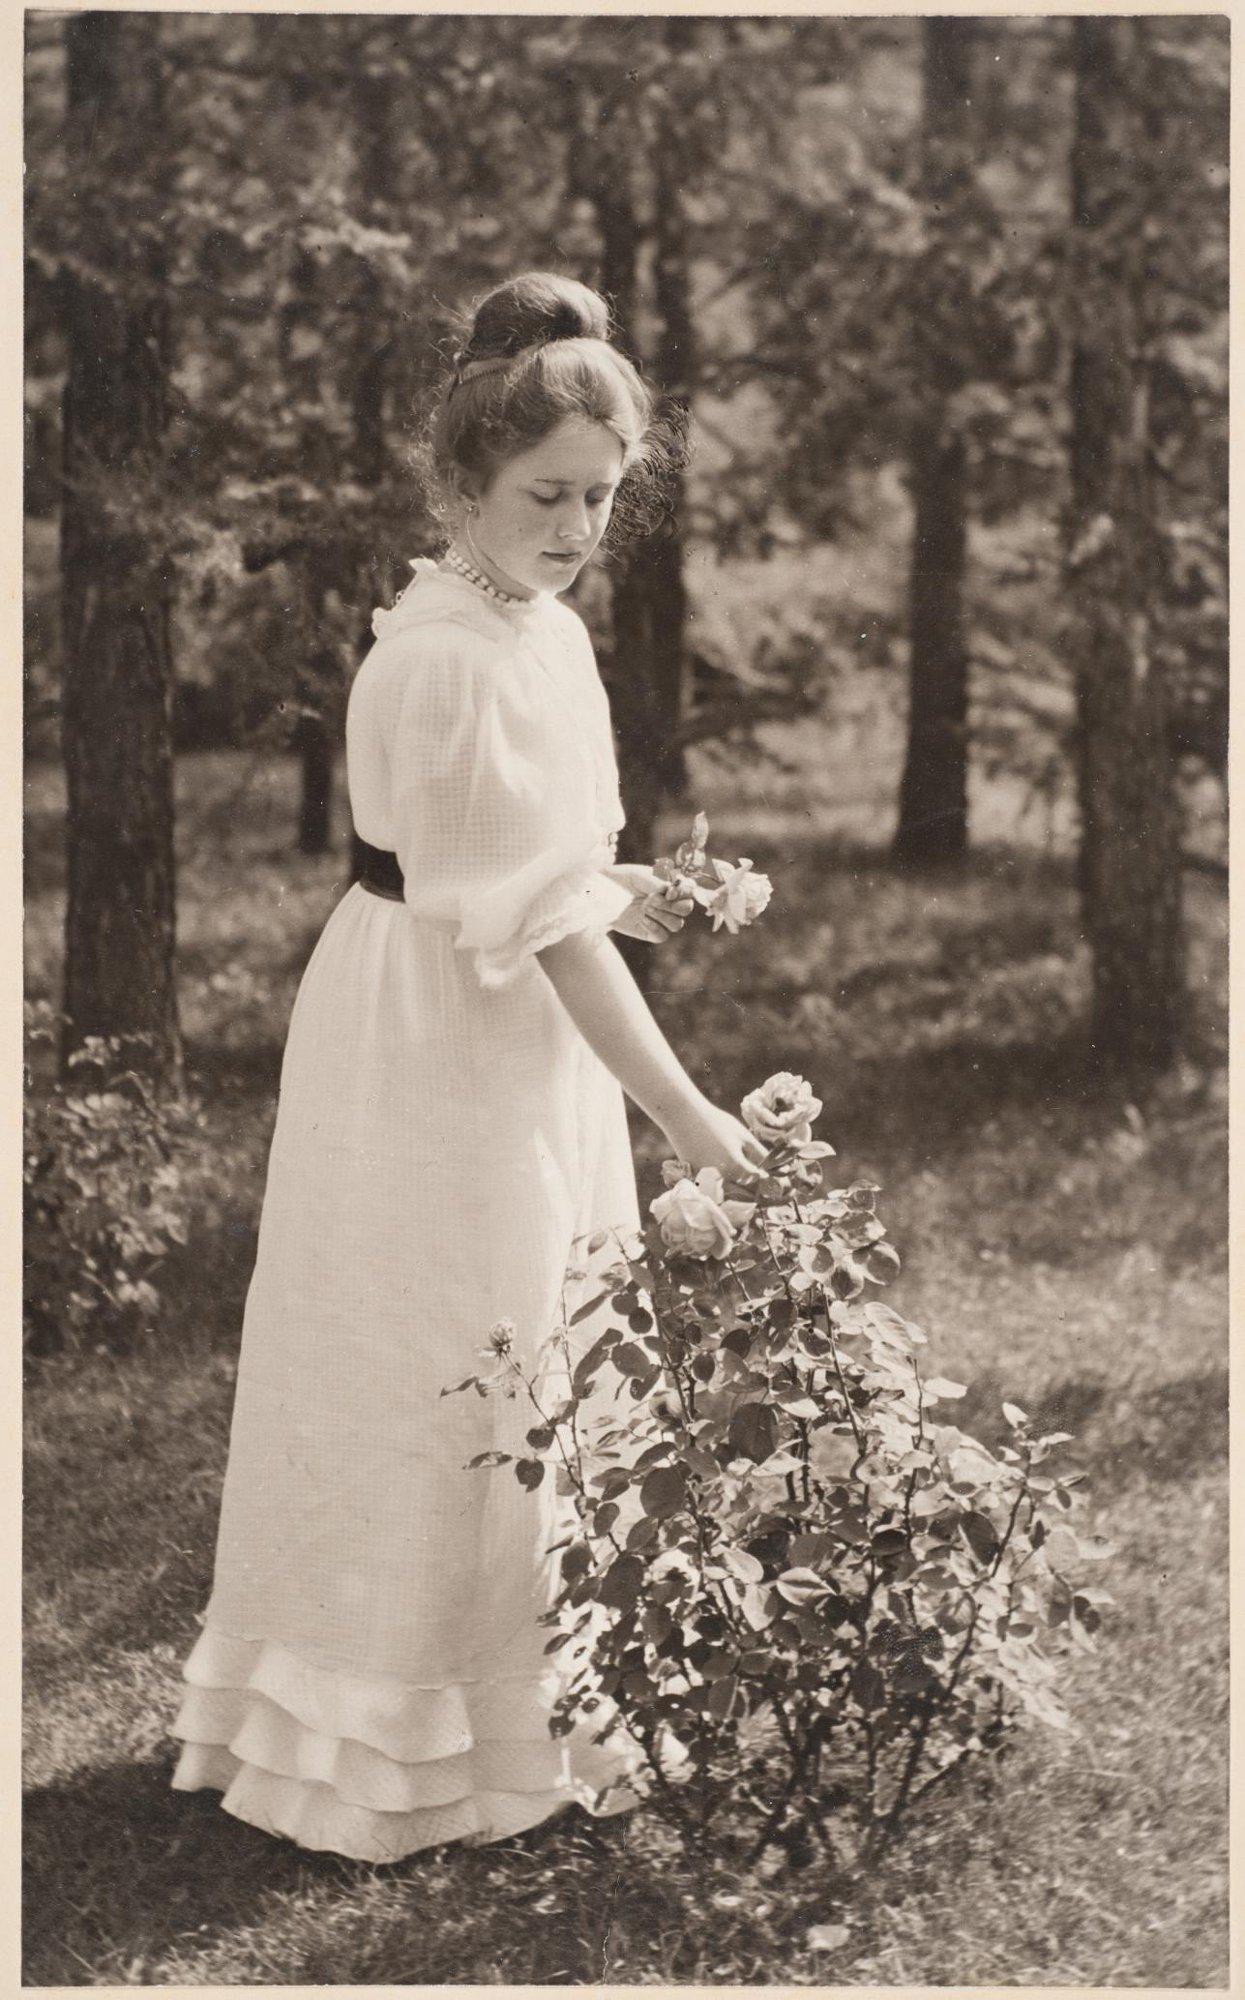 1900-е. Екатерина Александровна Петрова в усадьбе купца Александра Александровича Петрова